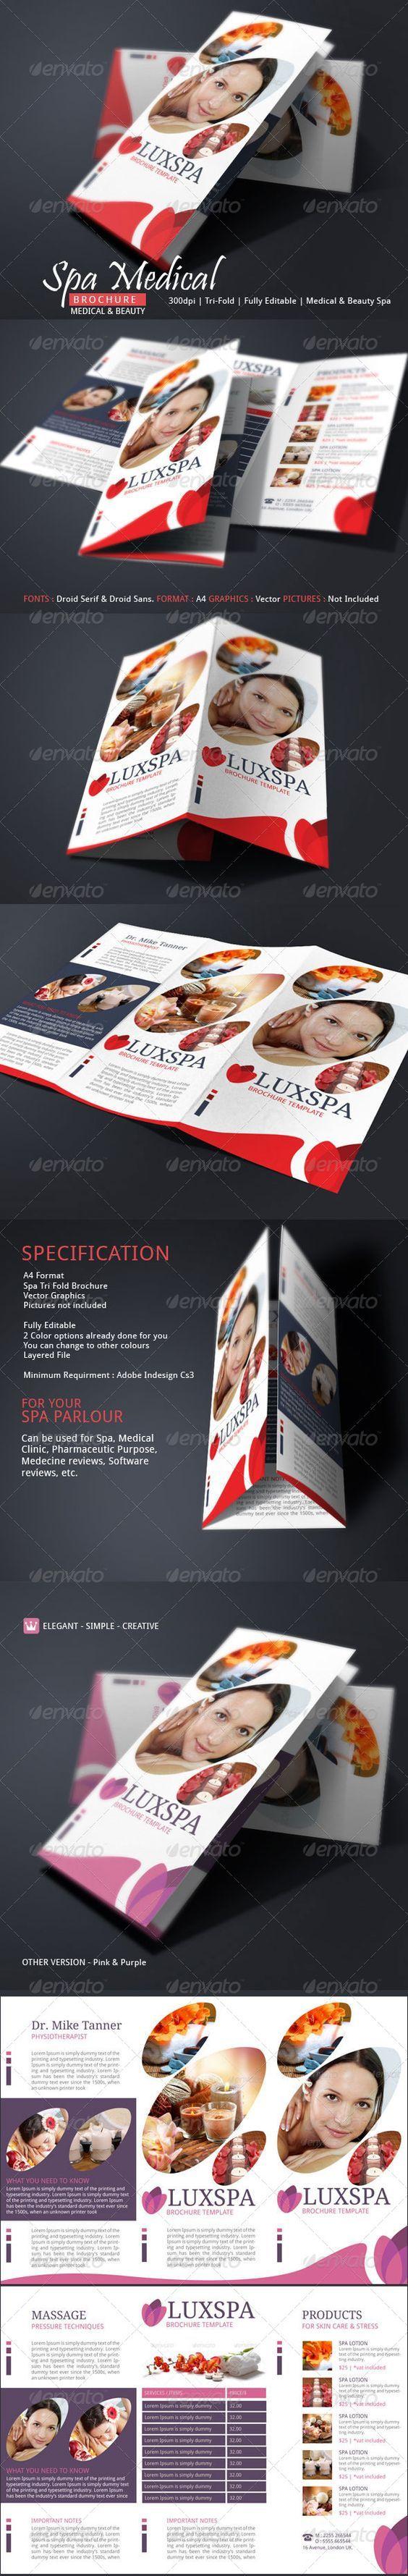 Best Spa Brochure Design Images On   Brochure Design